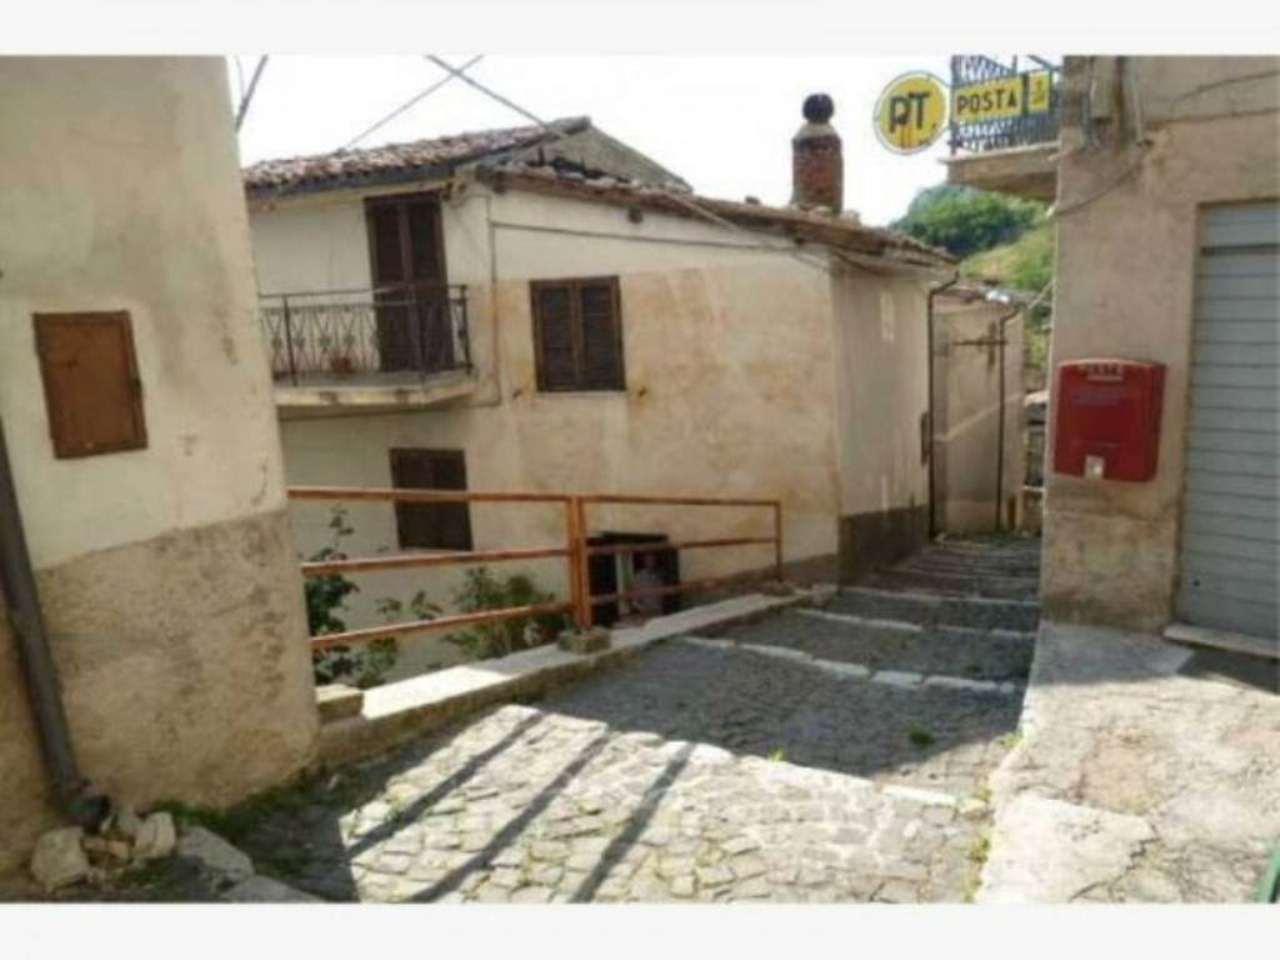 Soluzione Indipendente in vendita a Carsoli, 5 locali, prezzo € 90.000 | Cambio Casa.it